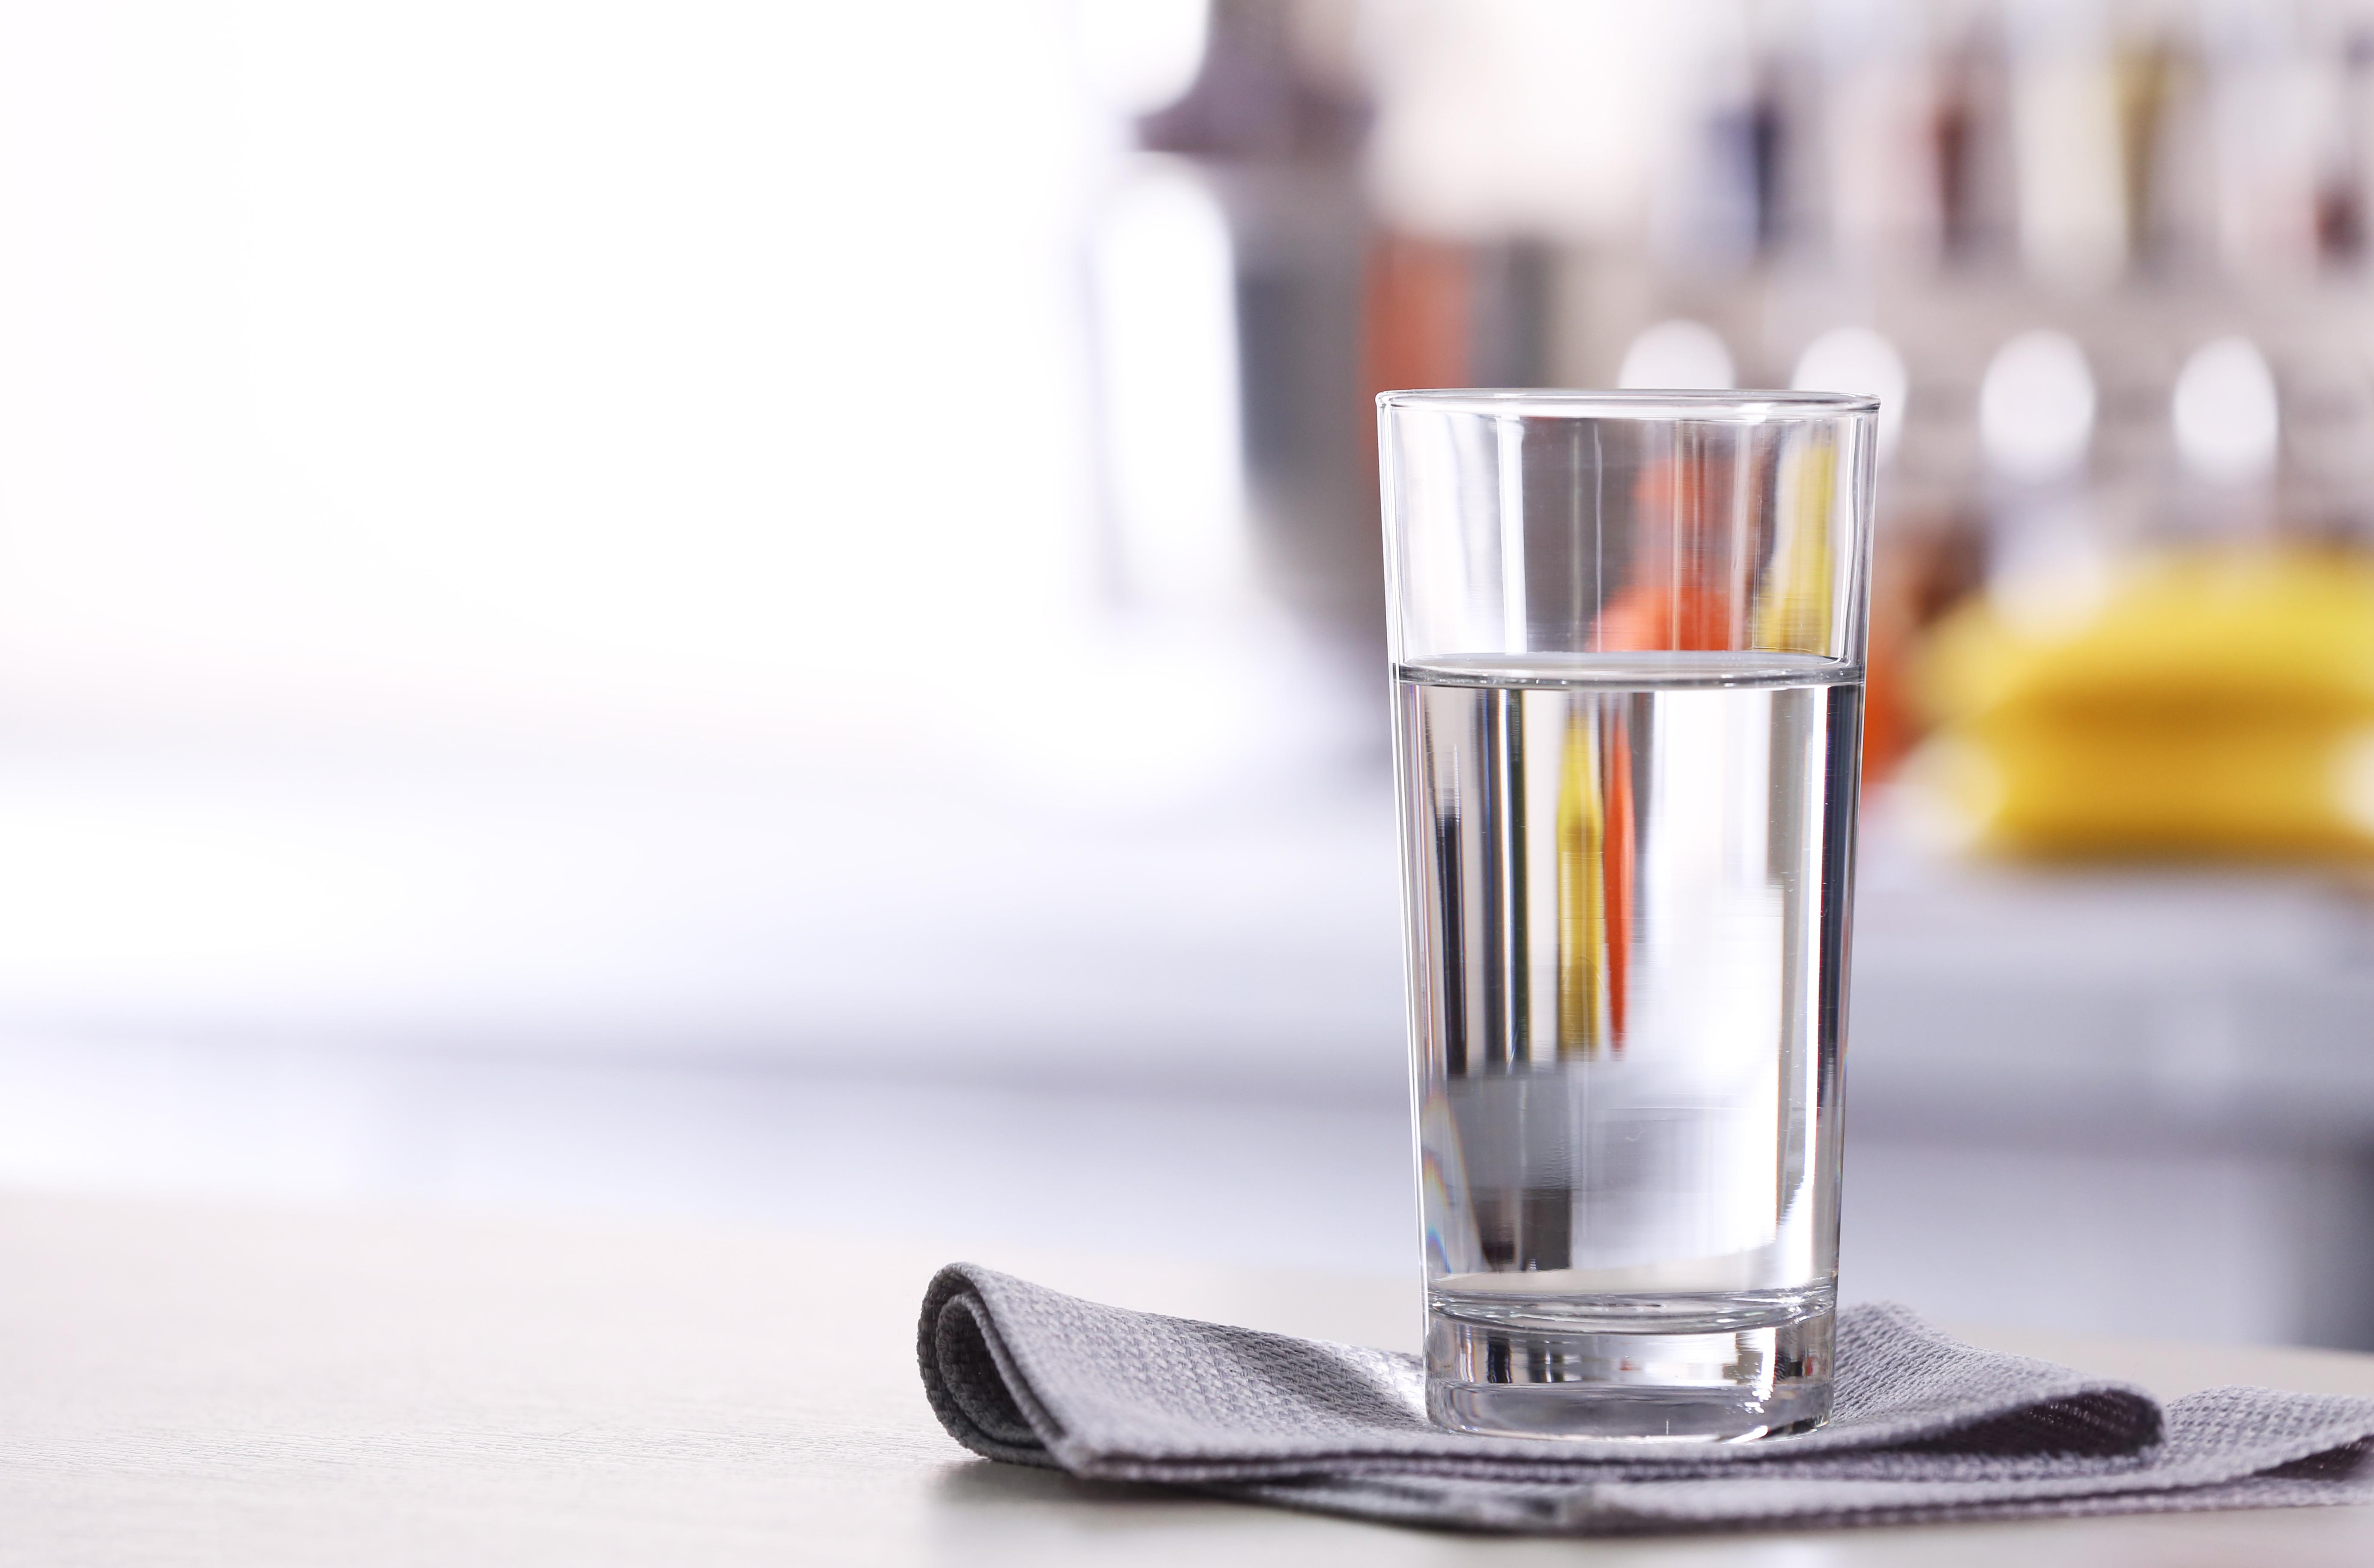 Sommer, Sonne, Durst - wer richtig trinkt, fühlt sich besser